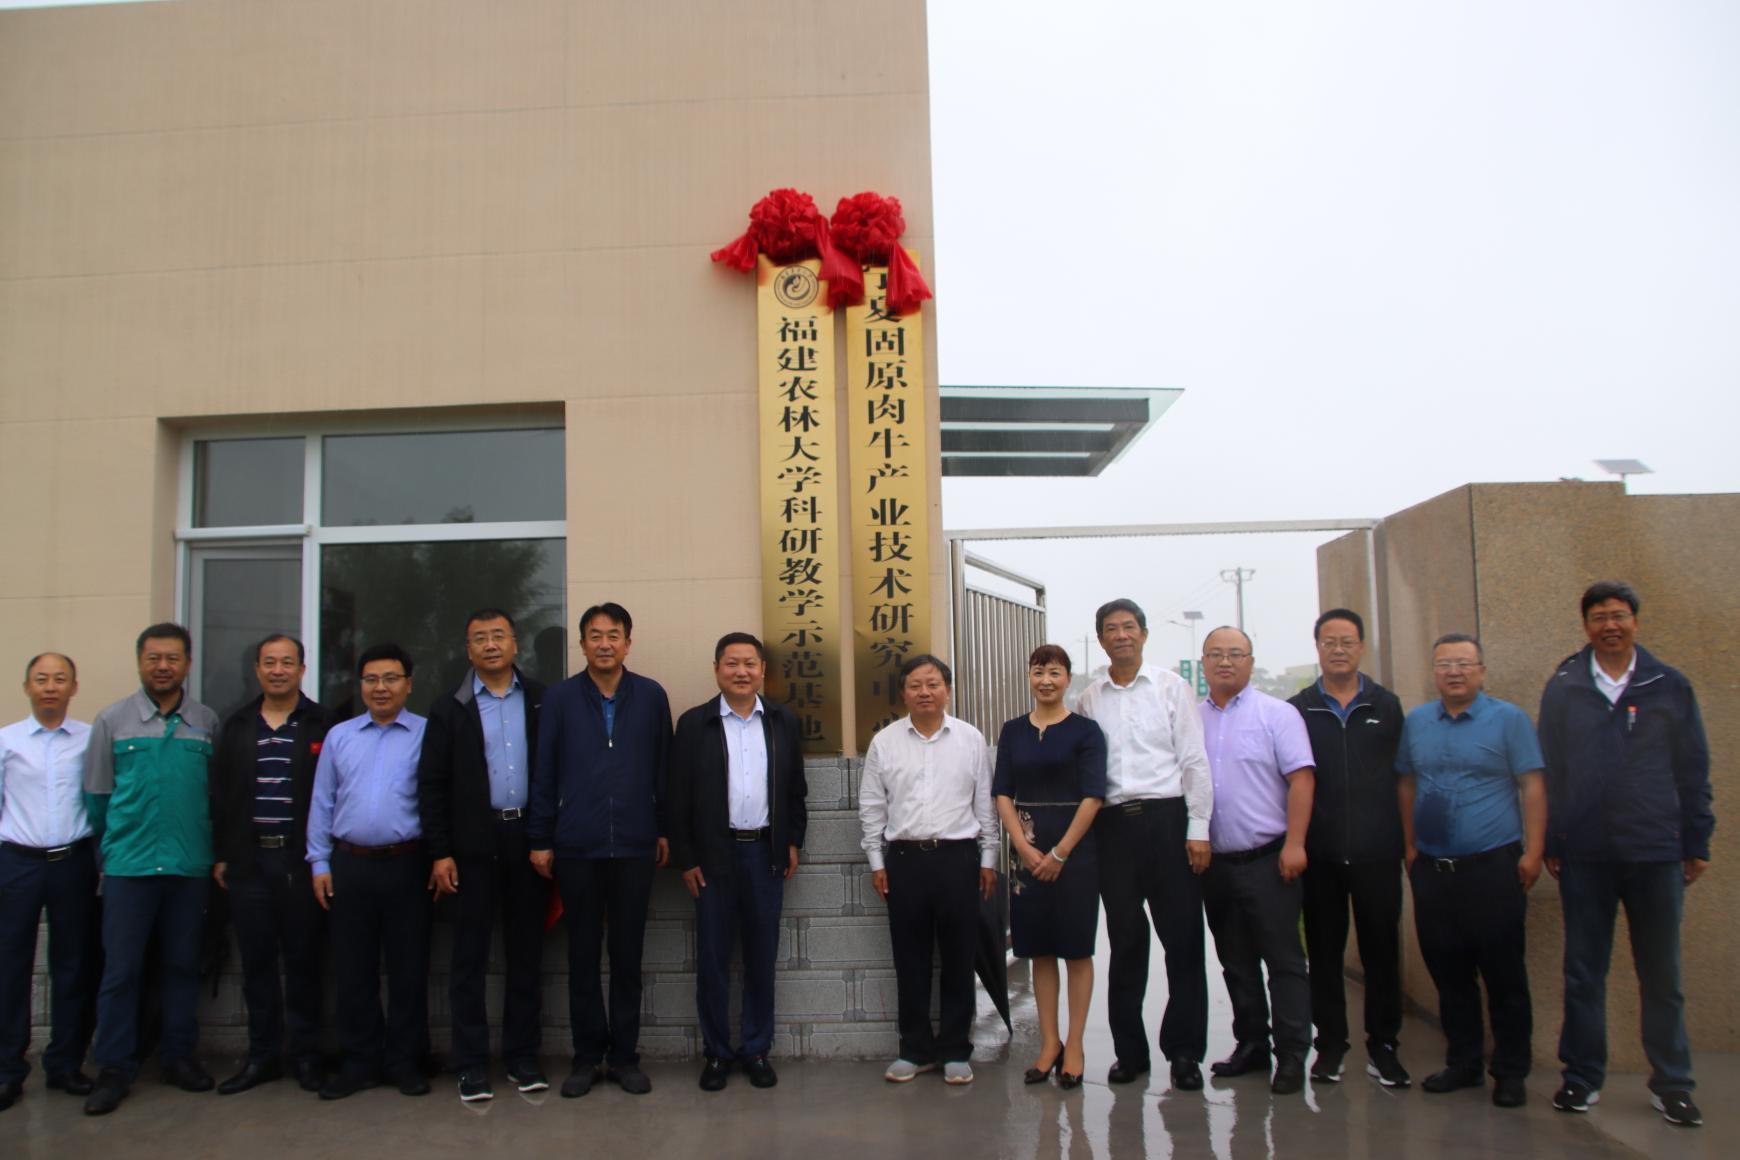 http://www.qwican.com/jiaoyuwenhua/4530415.html